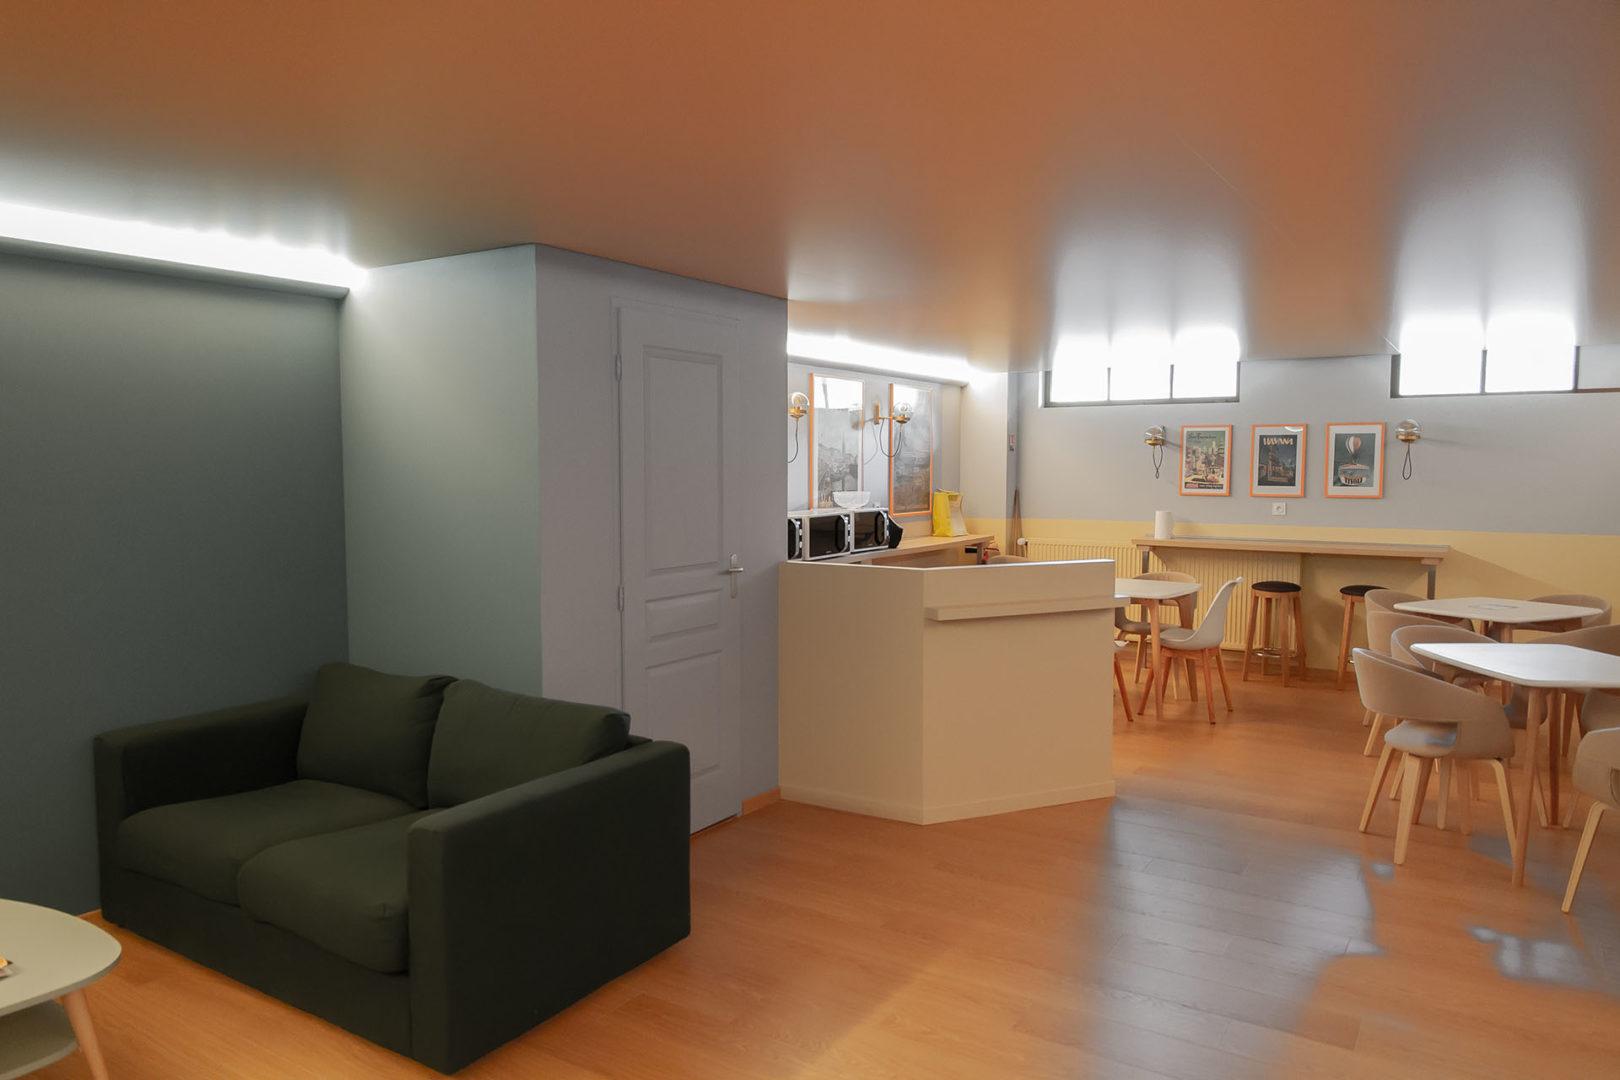 Le Lounge retaurant - Création La Fabrique Geneviève Naudin